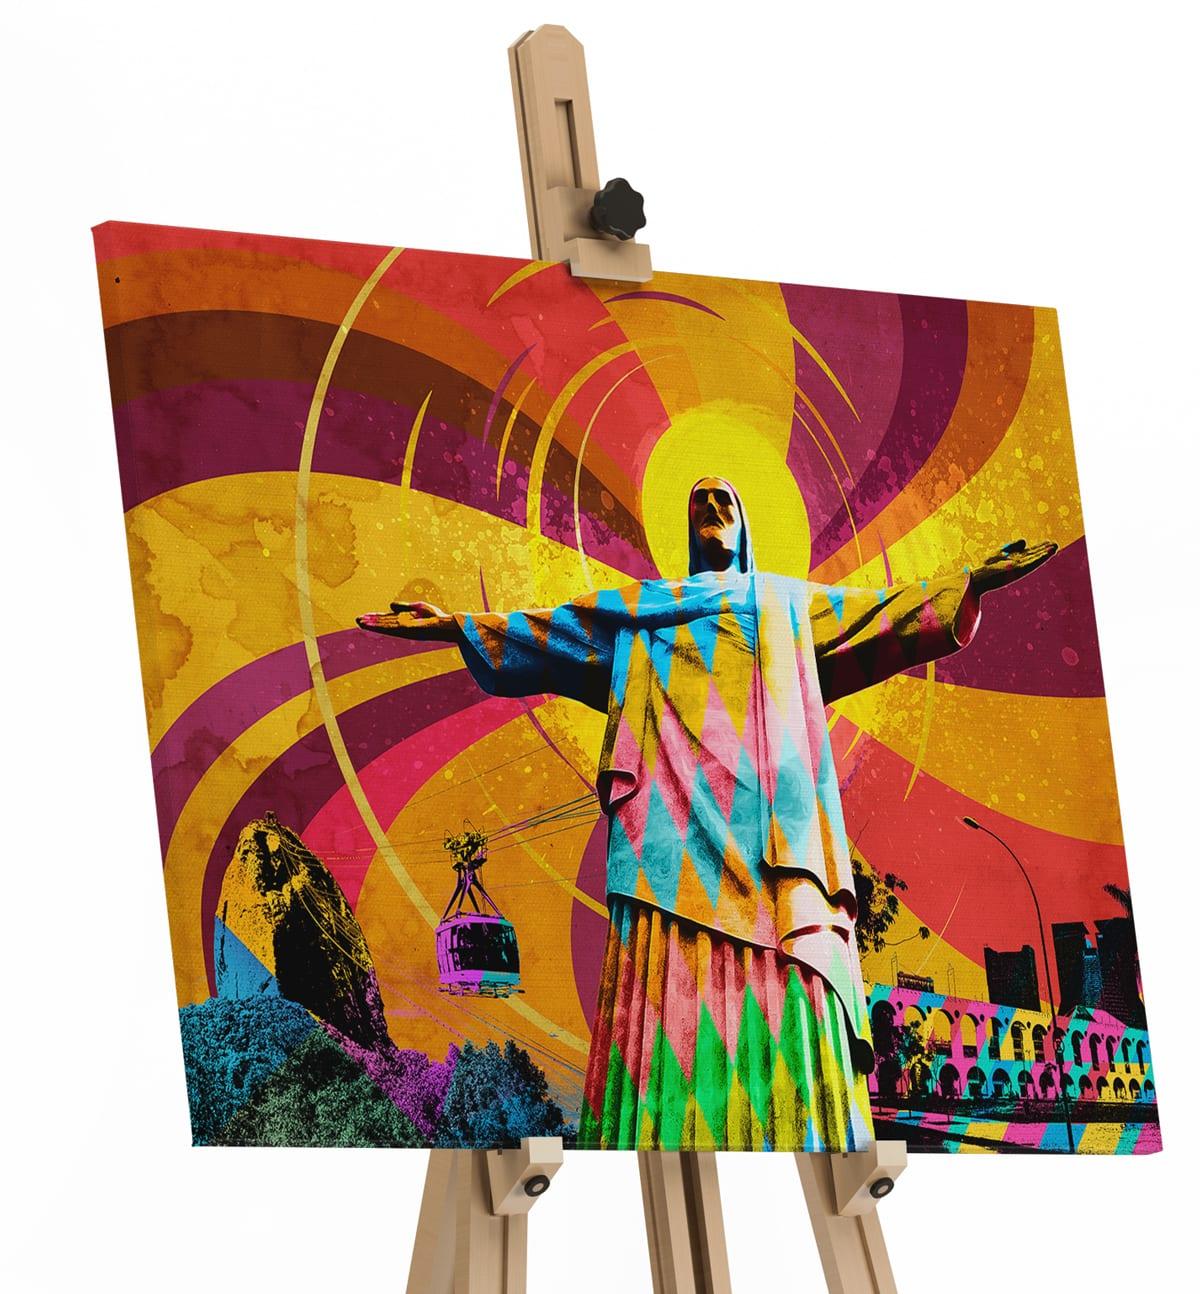 Quadro O Cristo Redentor – Rio de Janeiro em tela